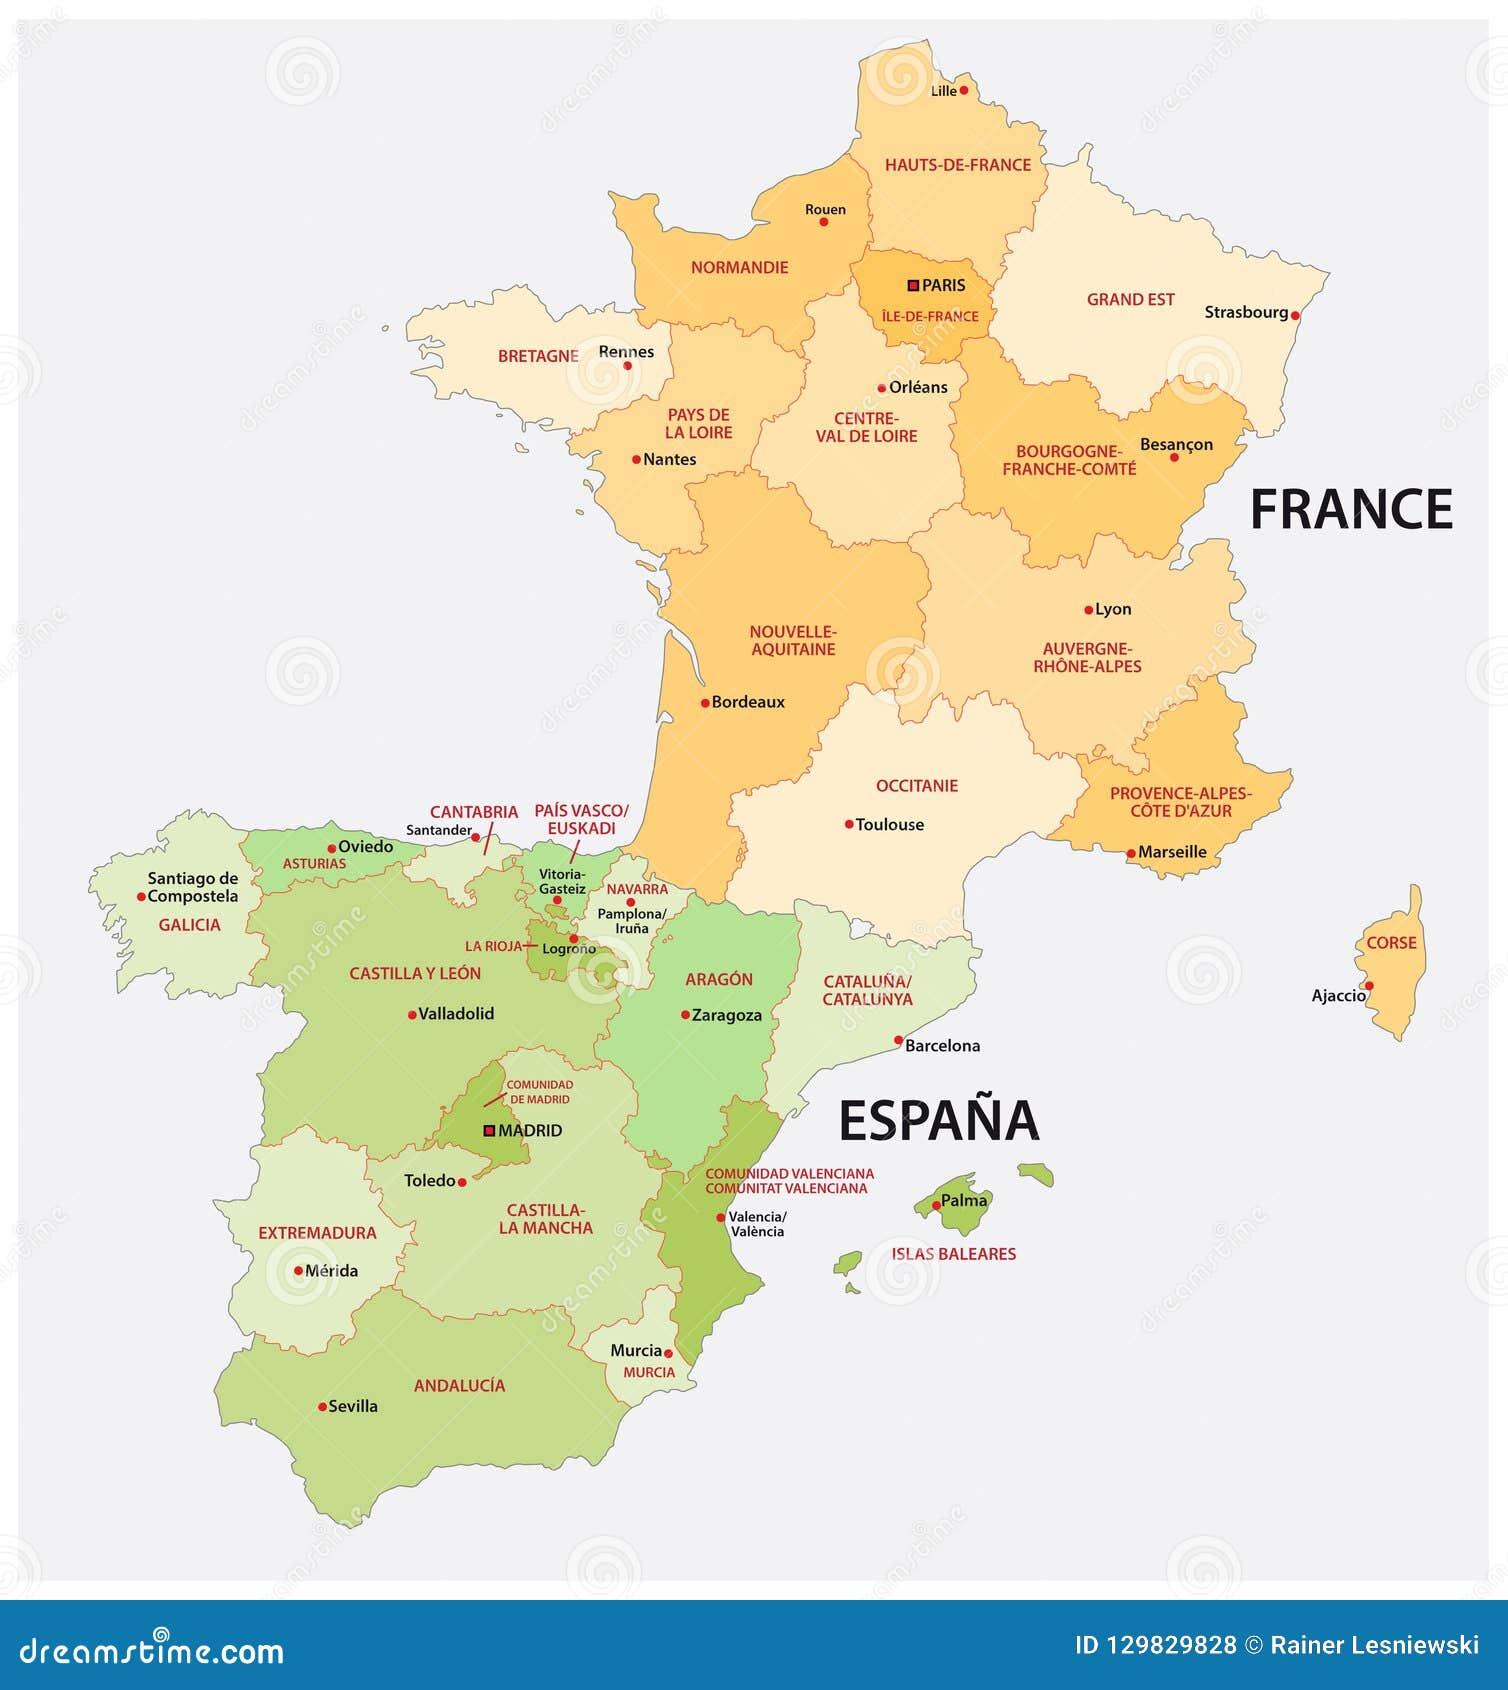 Verwaltungs Und Politische Karte Von Spanien Und Von Frankreich